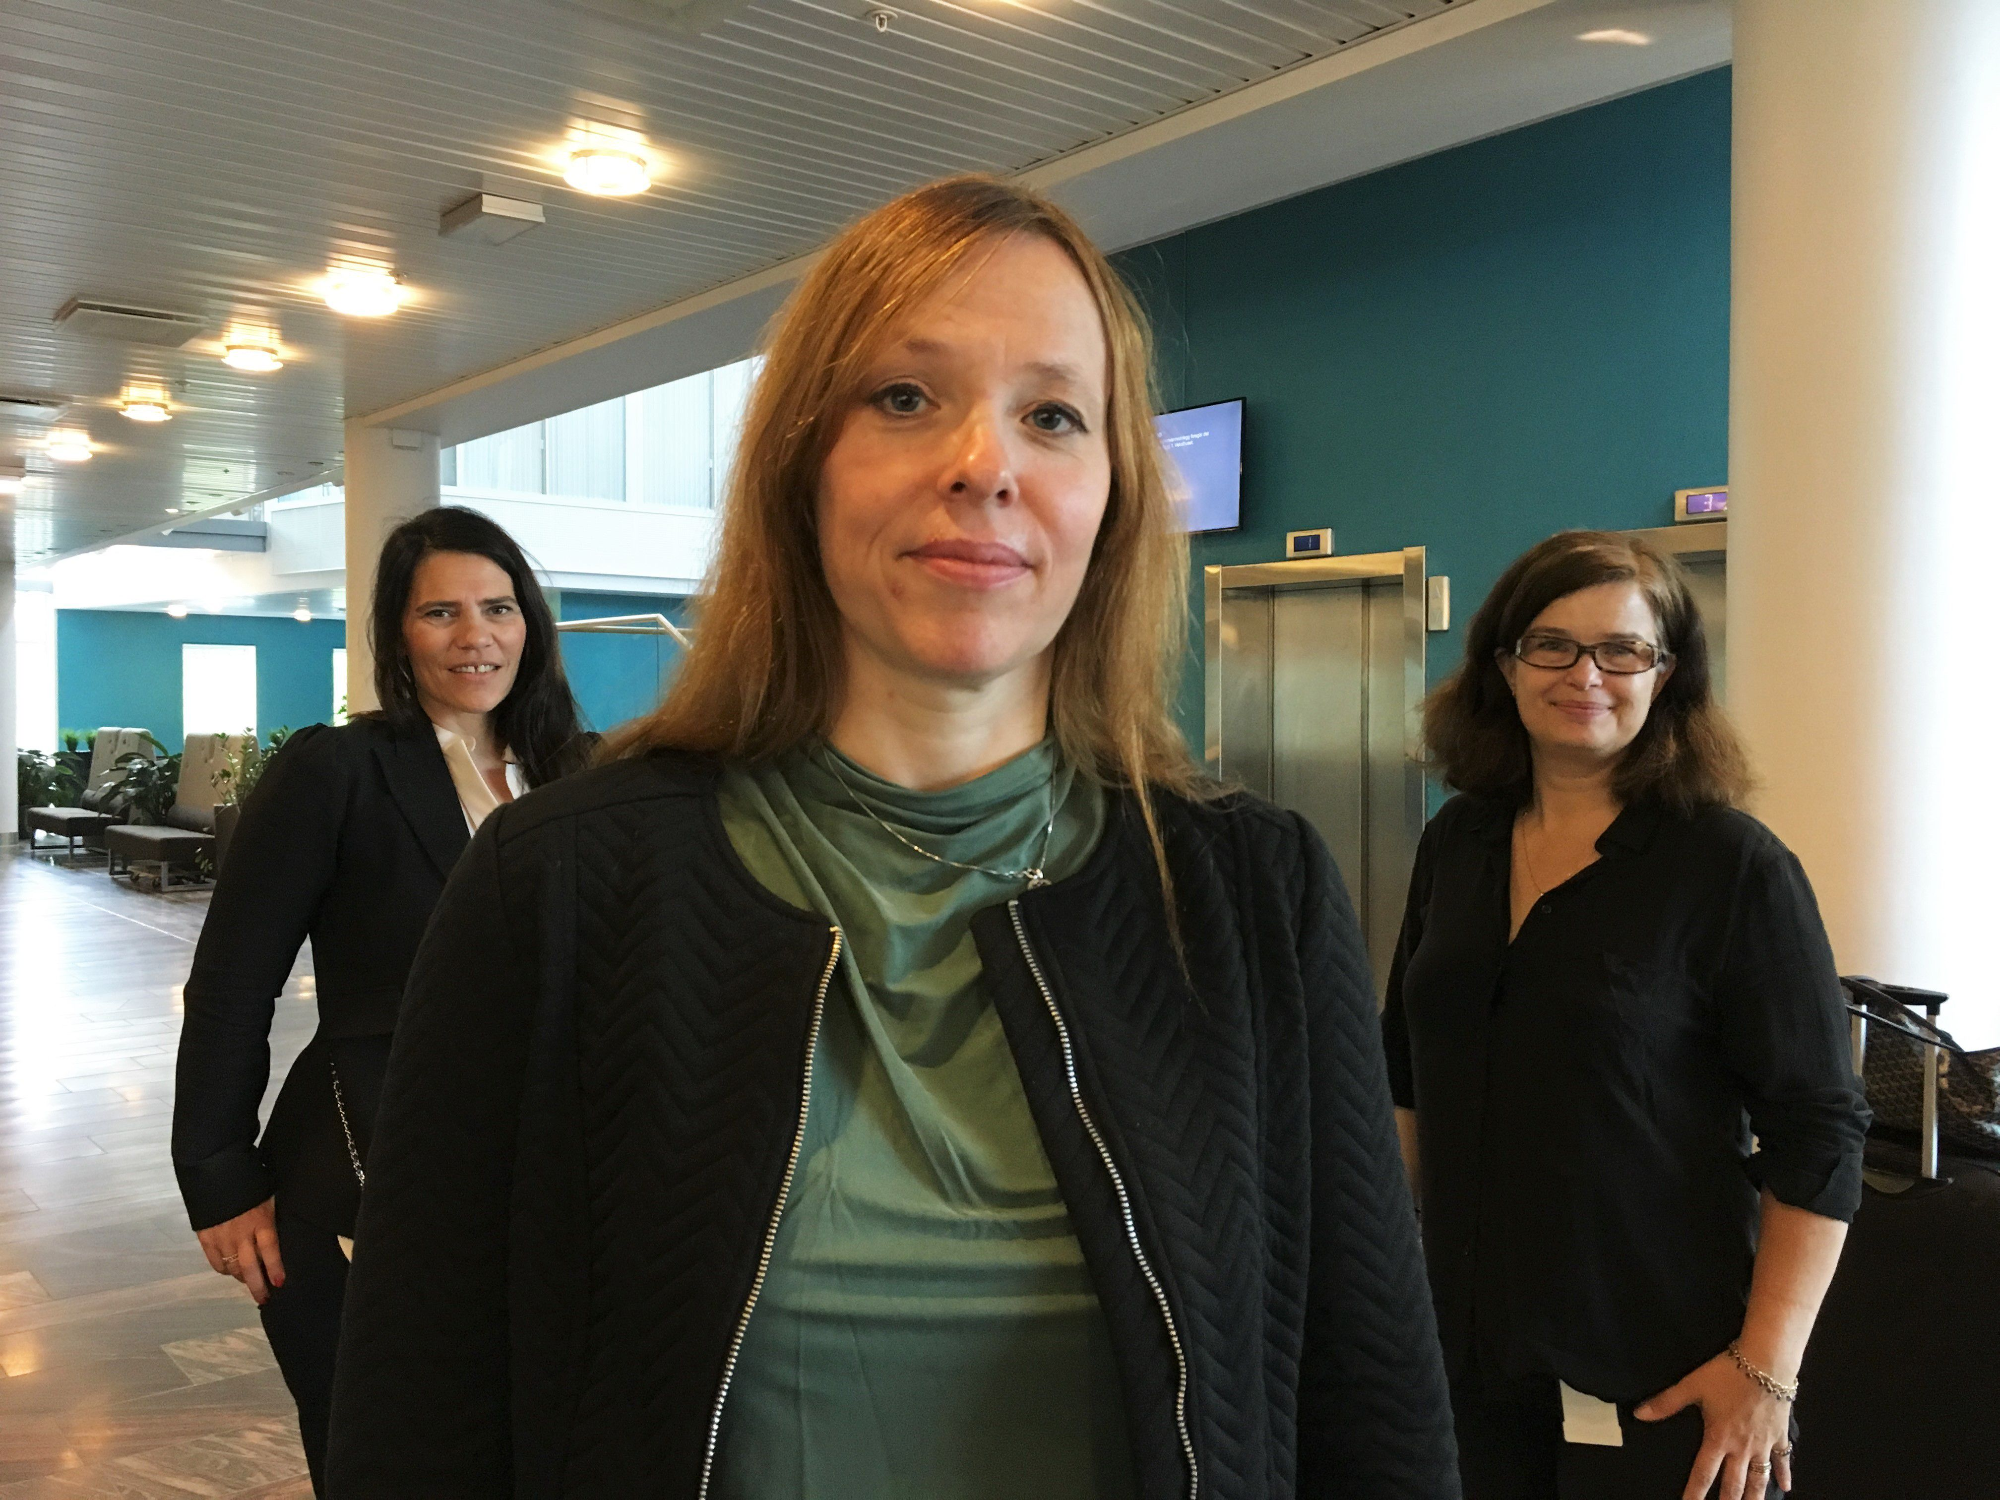 Siri Bjørvig, Inger Marie Holm og Line Linstad jobber ved Nasjonalt senter for e-helseforskning. Sammen skal de prøve å finne ut av hvordan man får ned antall beslutningstakere i helsesektoren.